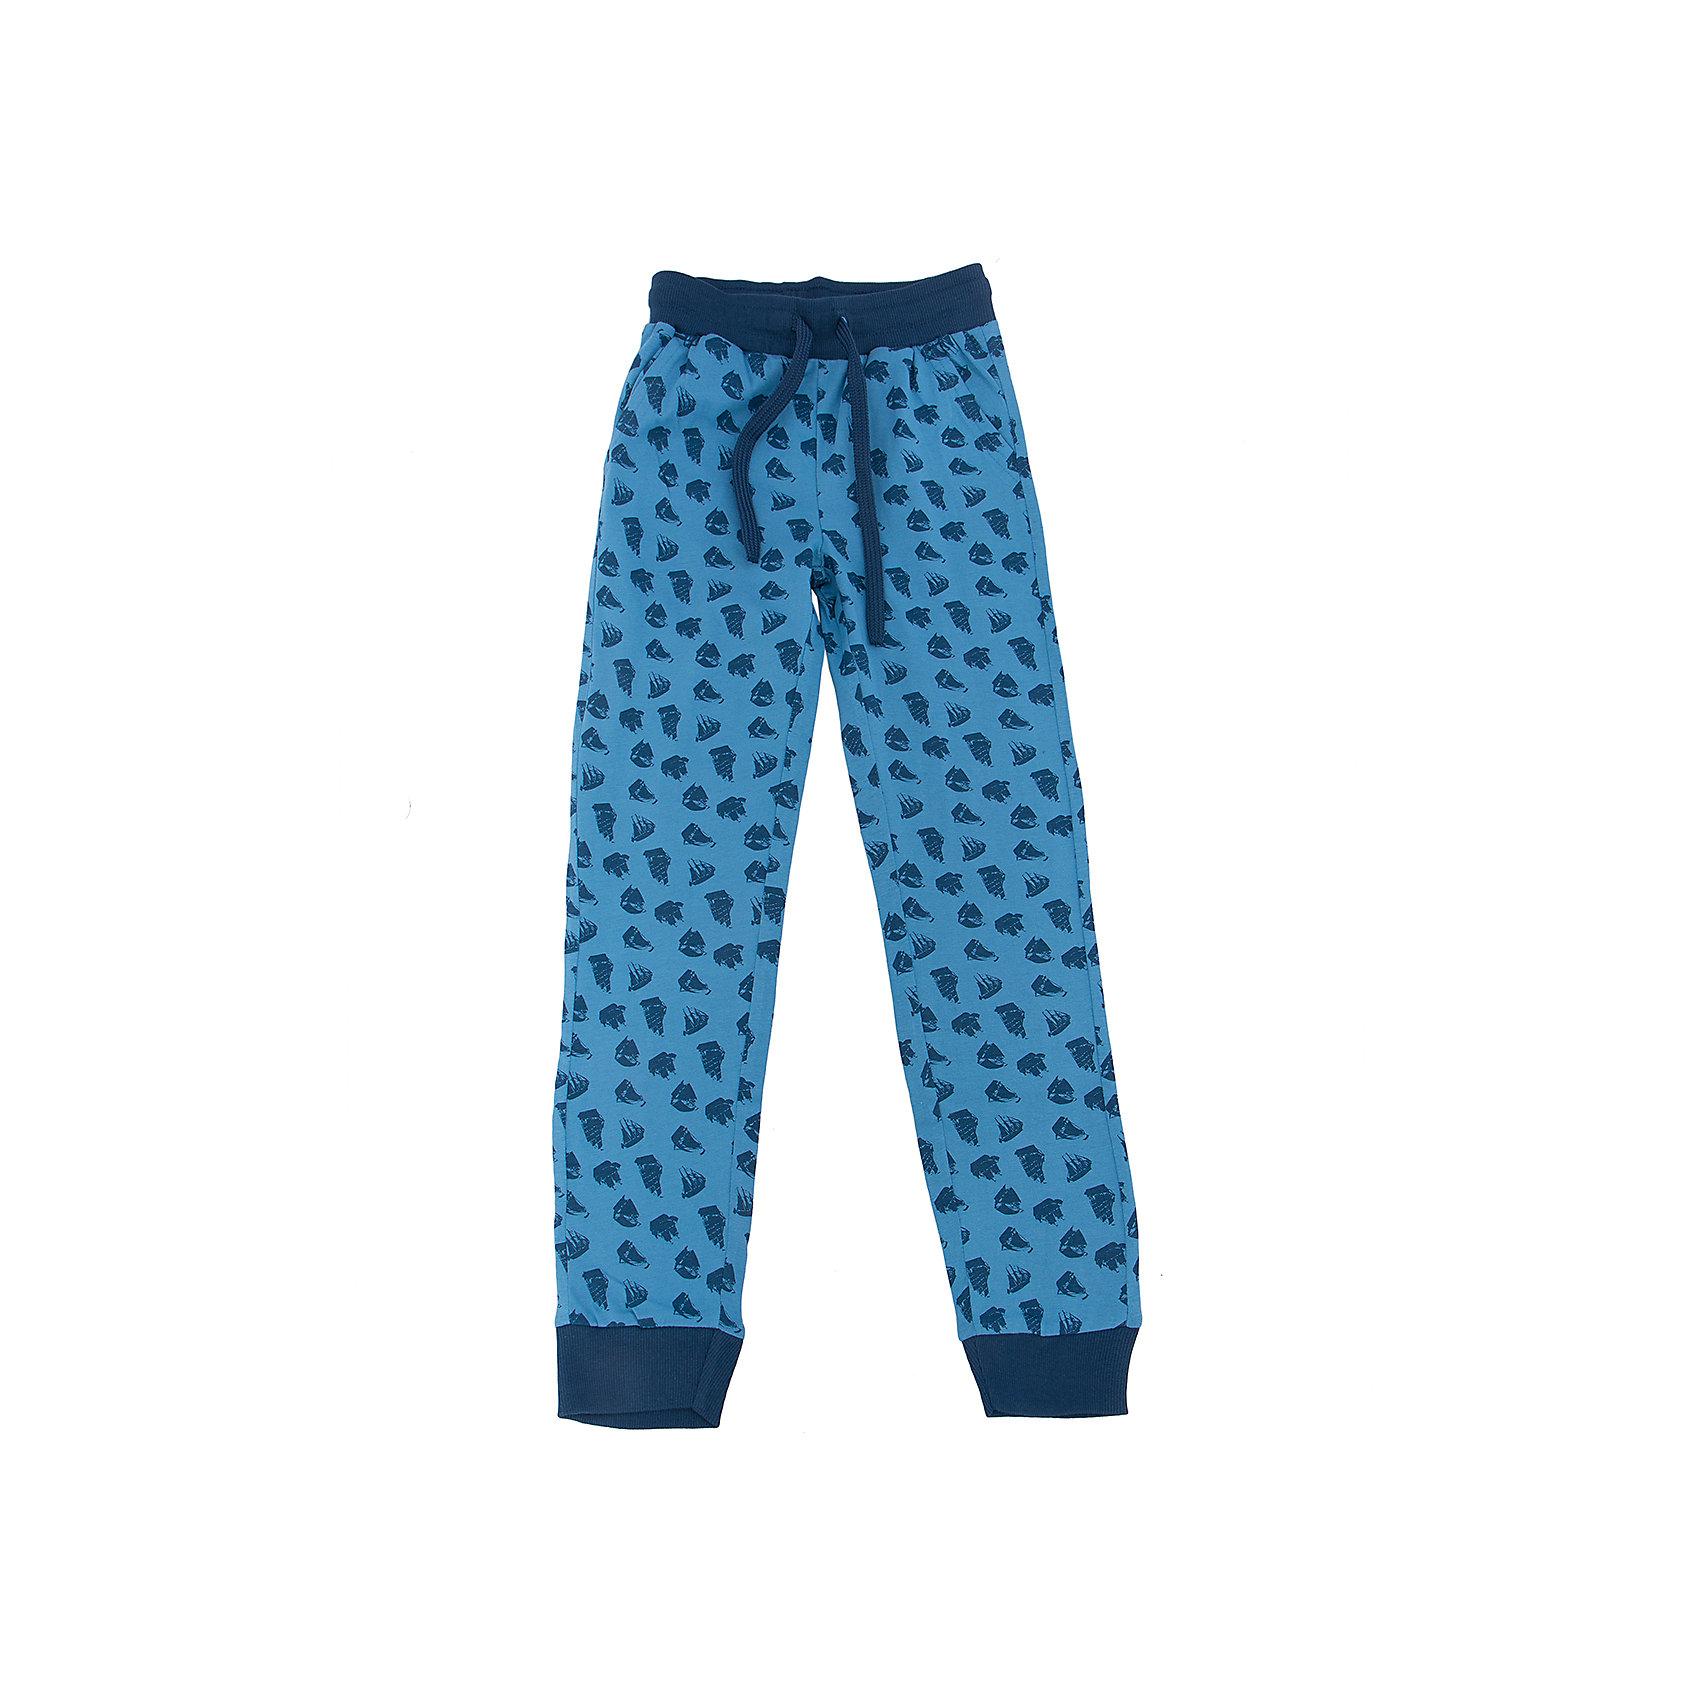 Брюки для мальчика SELAБрюки<br>Характеристики товара:<br><br>• цвет: голубой<br>• состав: 88% хлопок, 12% эластан<br>• манжеты<br>• принт<br>• пояс: мягкая резинка со шнурком<br>• коллекция весна-лето 2017<br>• страна бренда: Российская Федерация<br><br>Вещи из новой коллекции SELA продолжают радовать удобством! Симпатичные брюки для девочки помогут разнообразить гардероб и обеспечить комфорт. Они отлично сочетаются с майками, футболками, куртками. В составе материала - натуральный хлопок.<br><br>Одежда, обувь и аксессуары от российского бренда SELA не зря пользуются большой популярностью у детей и взрослых! Модели этой марки - стильные и удобные, цена при этом неизменно остается доступной. Для их производства используются только безопасные, качественные материалы и фурнитура. Новая коллекция поддерживает хорошие традиции бренда! <br><br>Брюки для девочки от популярного бренда SELA (СЕЛА) можно купить в нашем интернет-магазине.<br><br>Ширина мм: 215<br>Глубина мм: 88<br>Высота мм: 191<br>Вес г: 336<br>Цвет: голубой<br>Возраст от месяцев: 120<br>Возраст до месяцев: 132<br>Пол: Мужской<br>Возраст: Детский<br>Размер: 140/146,92/98,104/110,116/122,128/134<br>SKU: 5305937